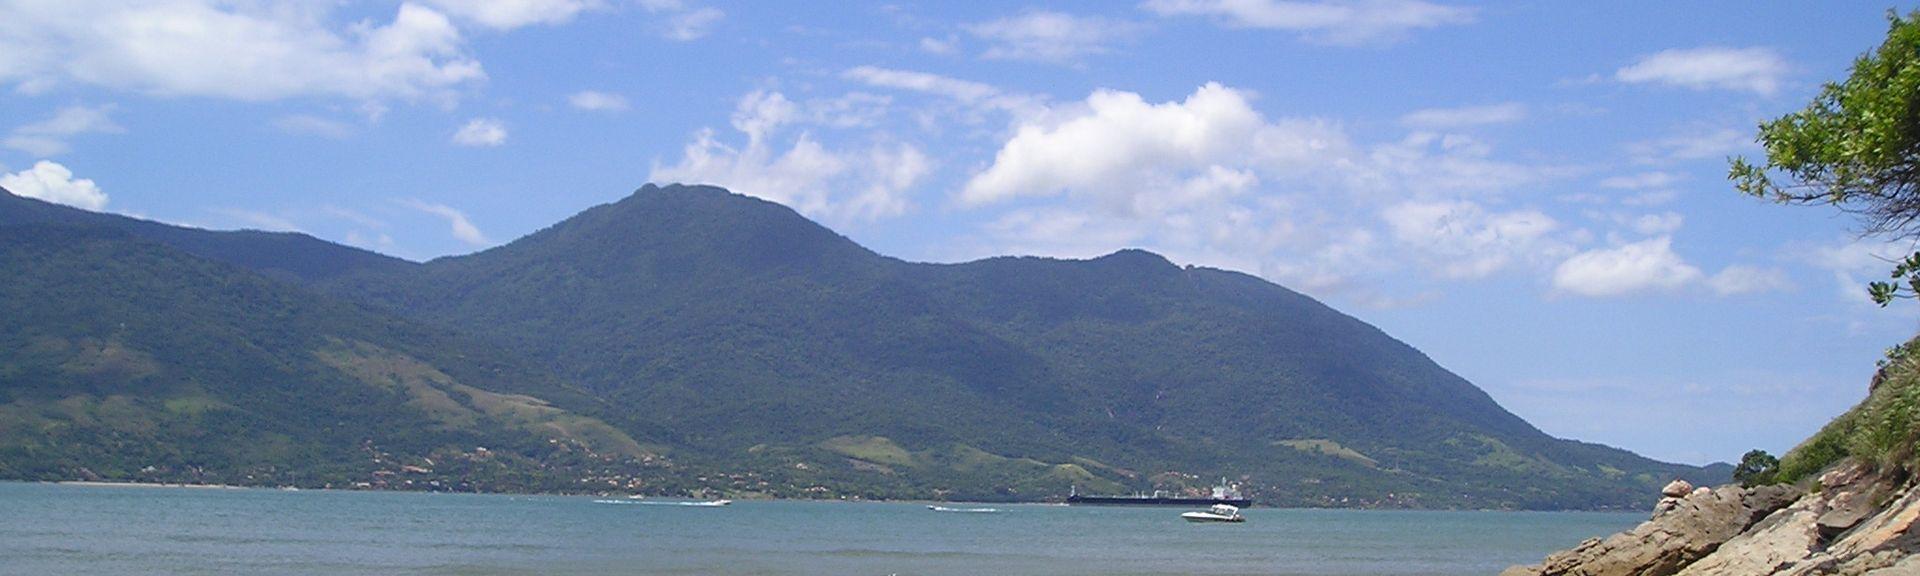 Ponta da Sela, Ilhabela, Région Sud-Est, Brésil